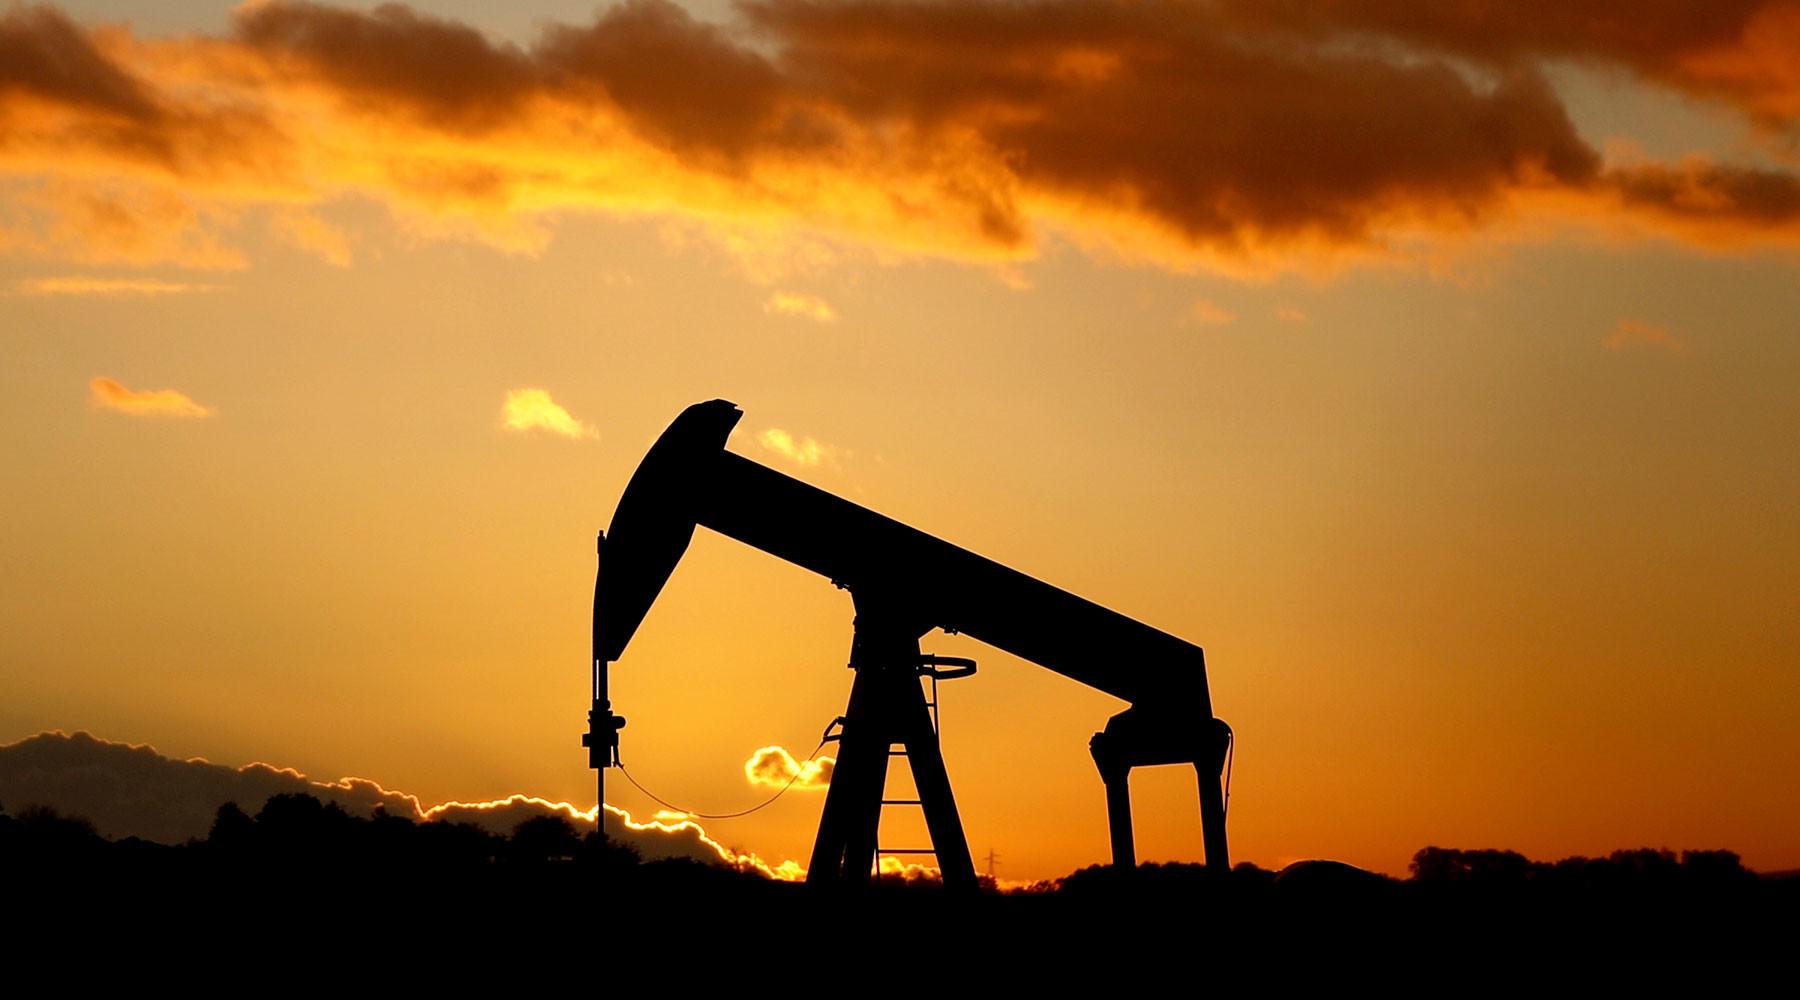 Мир ждёт нефть: ОПЕК прогнозирует увеличение потребности в энергосырье в 2017 году